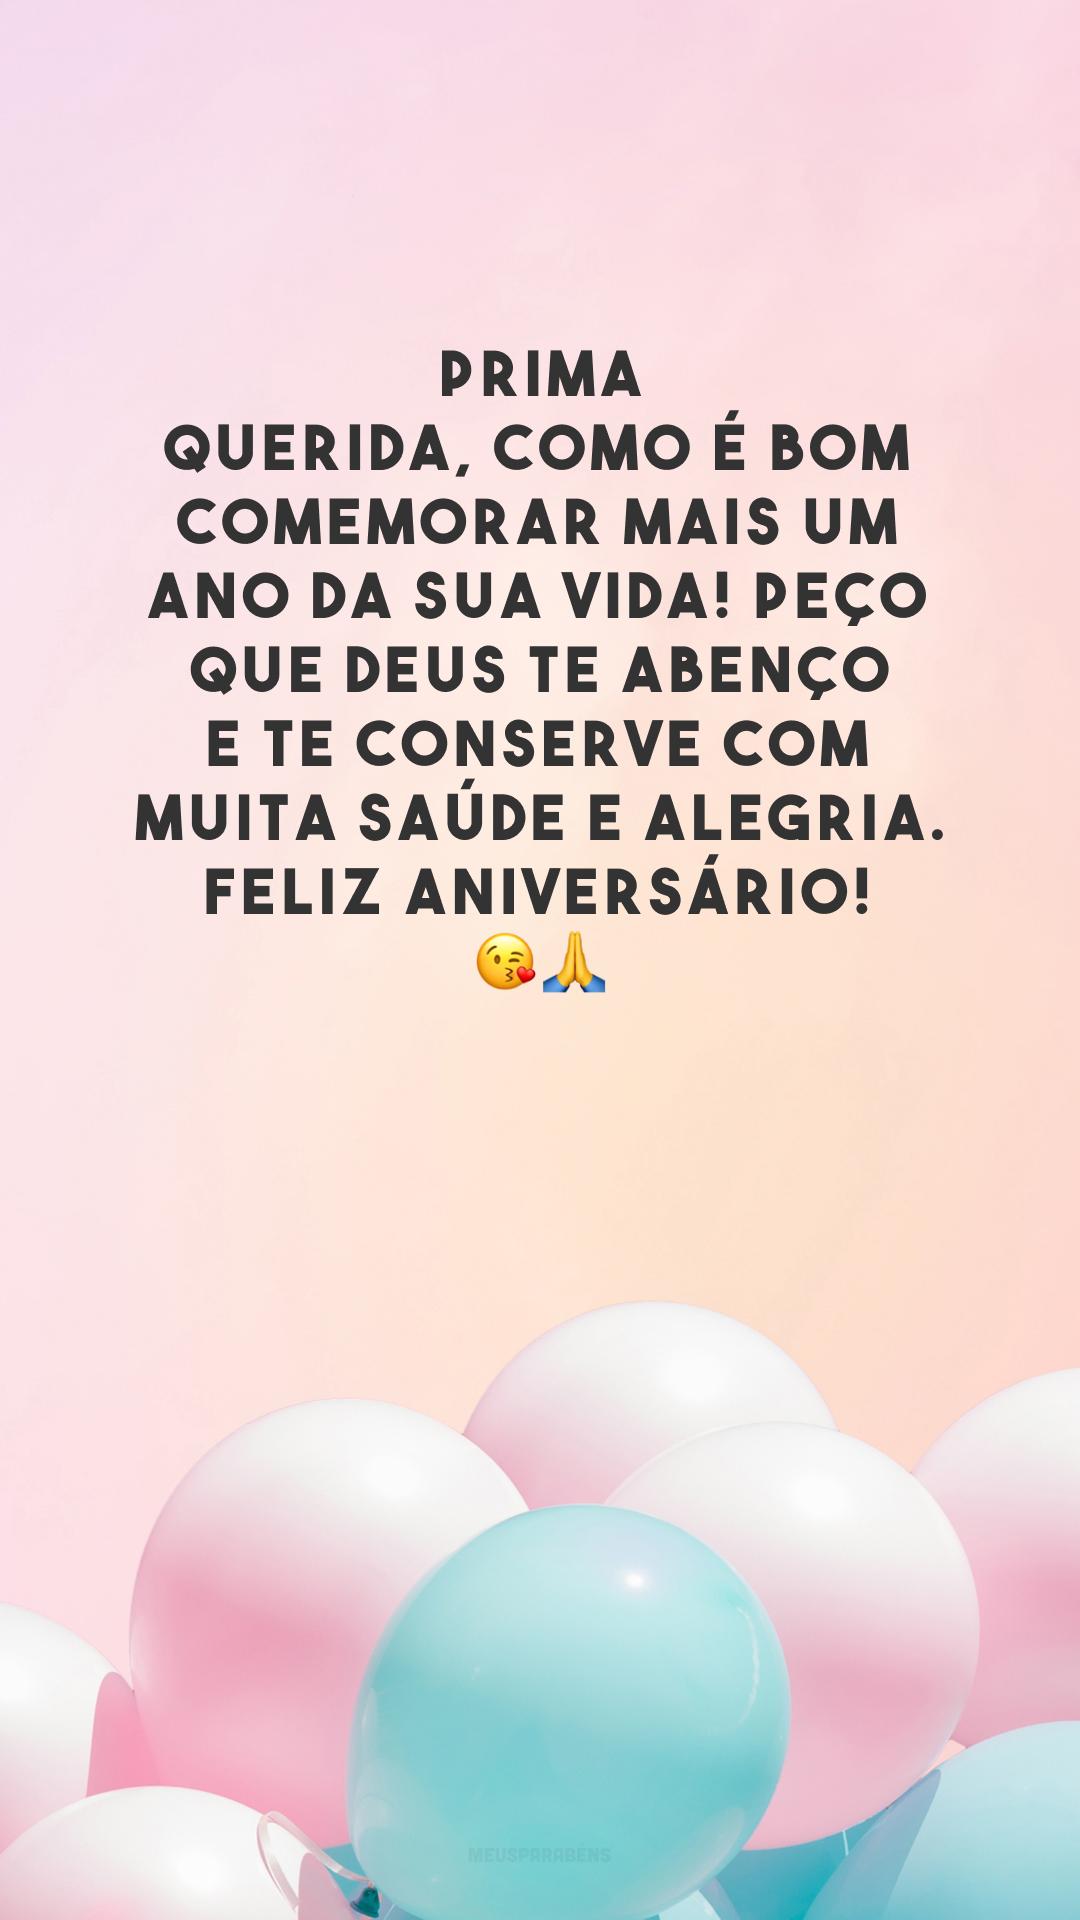 Prima querida, como é bom comemorar mais um ano da sua vida! Peço que Deus te abençoe e te conserve com muita saúde e alegria. Feliz aniversário! 😘🙏